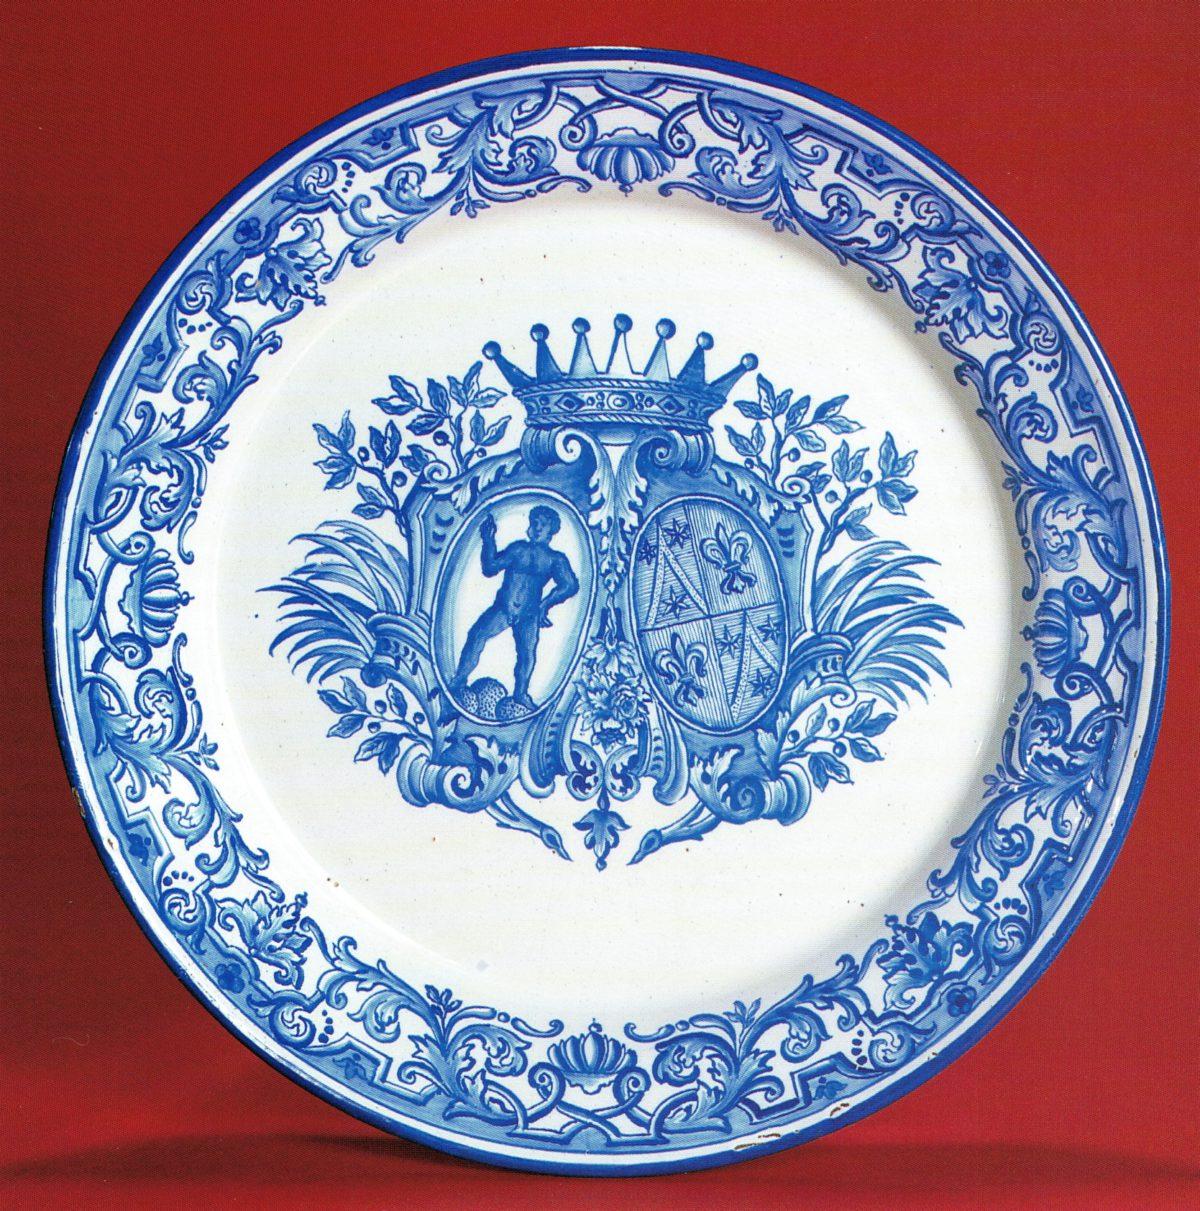 German-Faience-Bayreuther Wappenteller um 1745